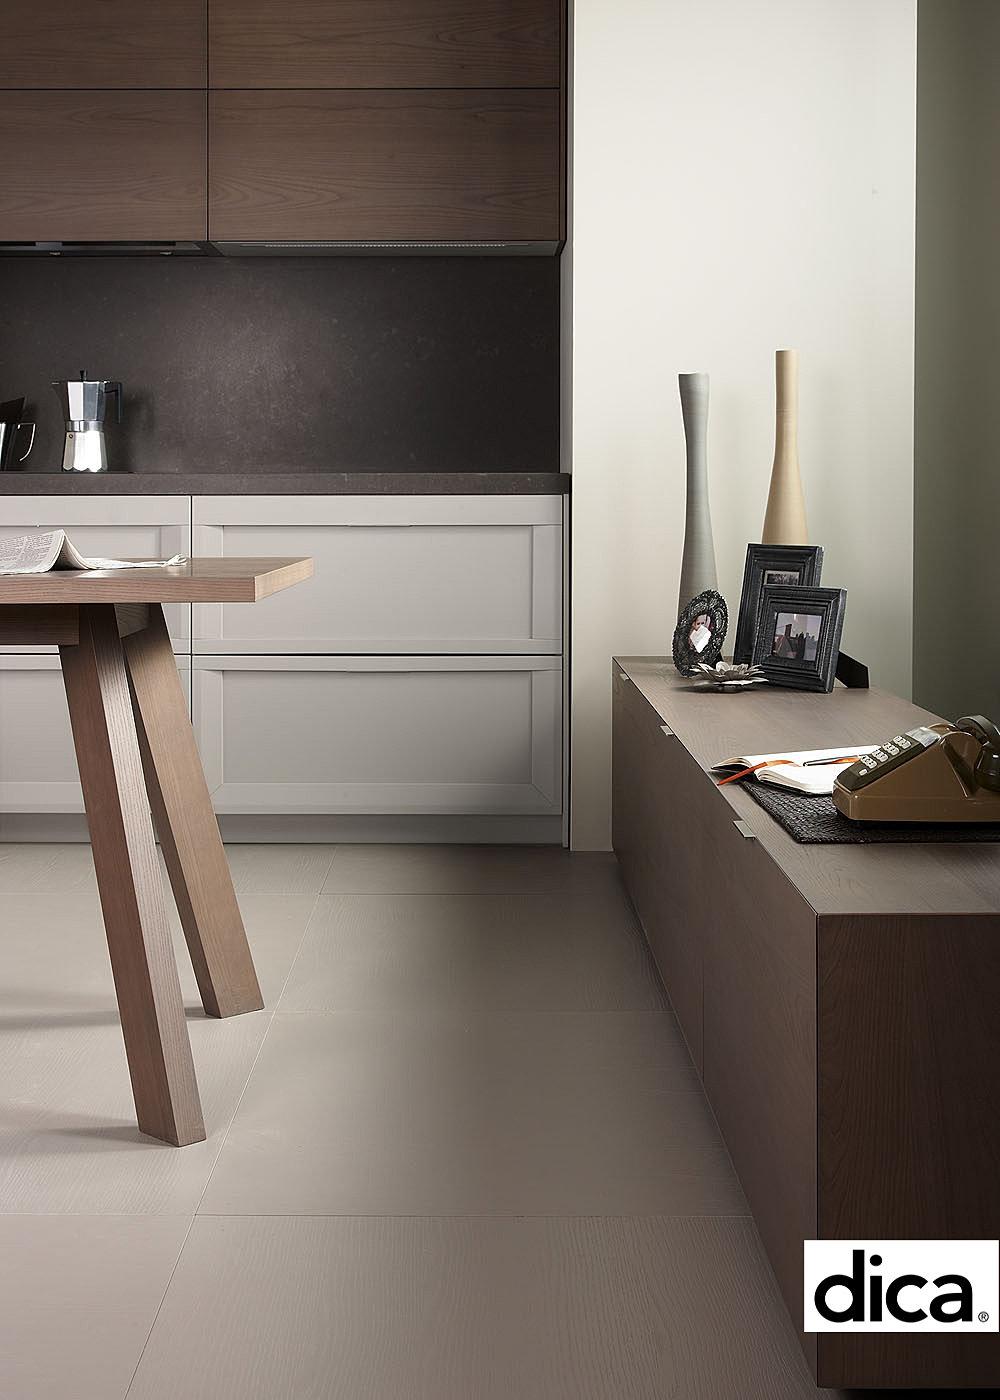 Cocinas ricardo mobiliario de cocina dica for Mobiliario de cocina